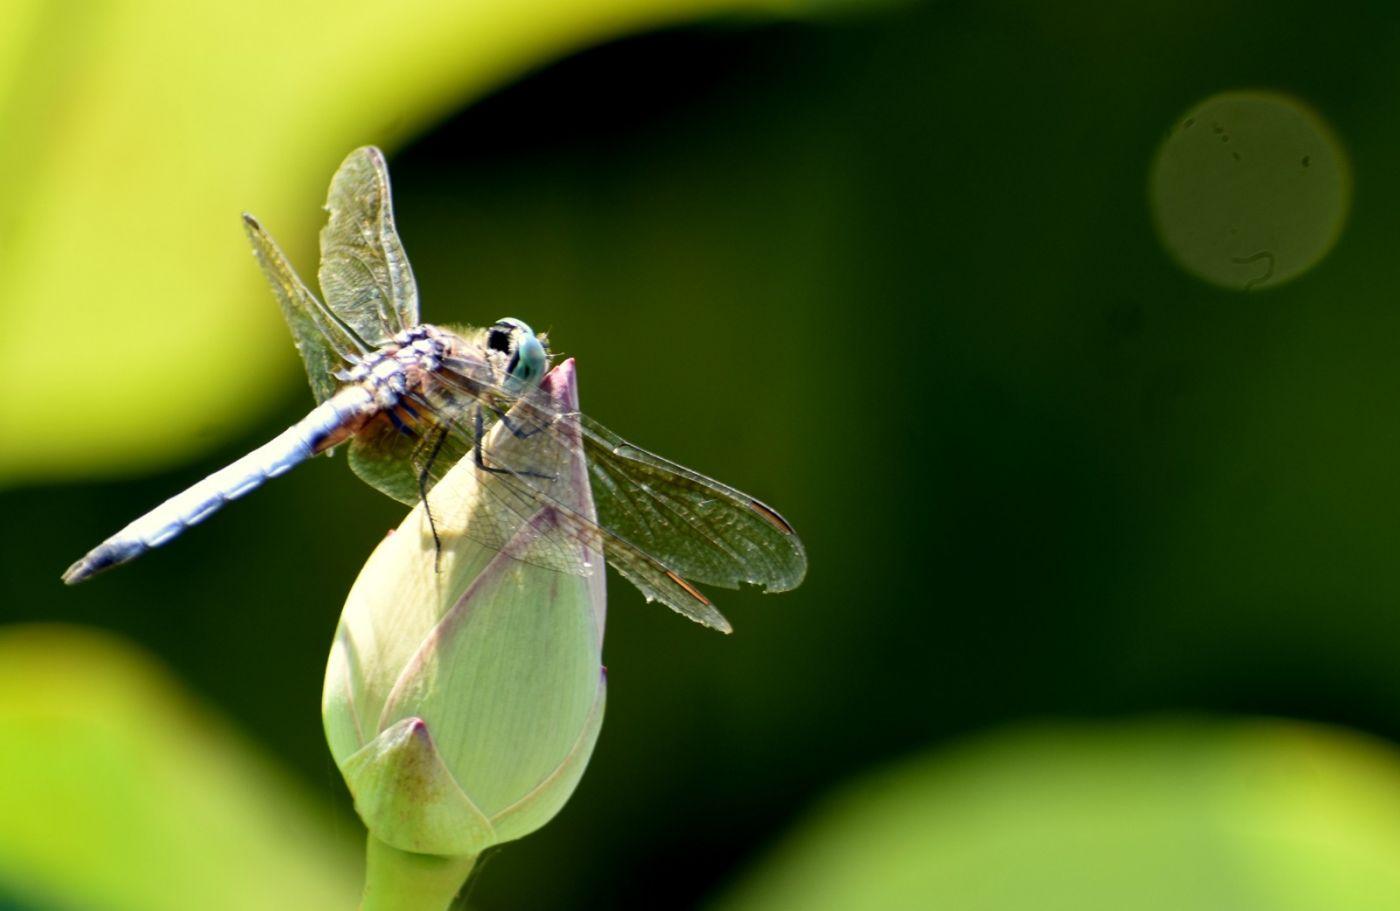 轻盈秀丽的蜻蜓_图1-18